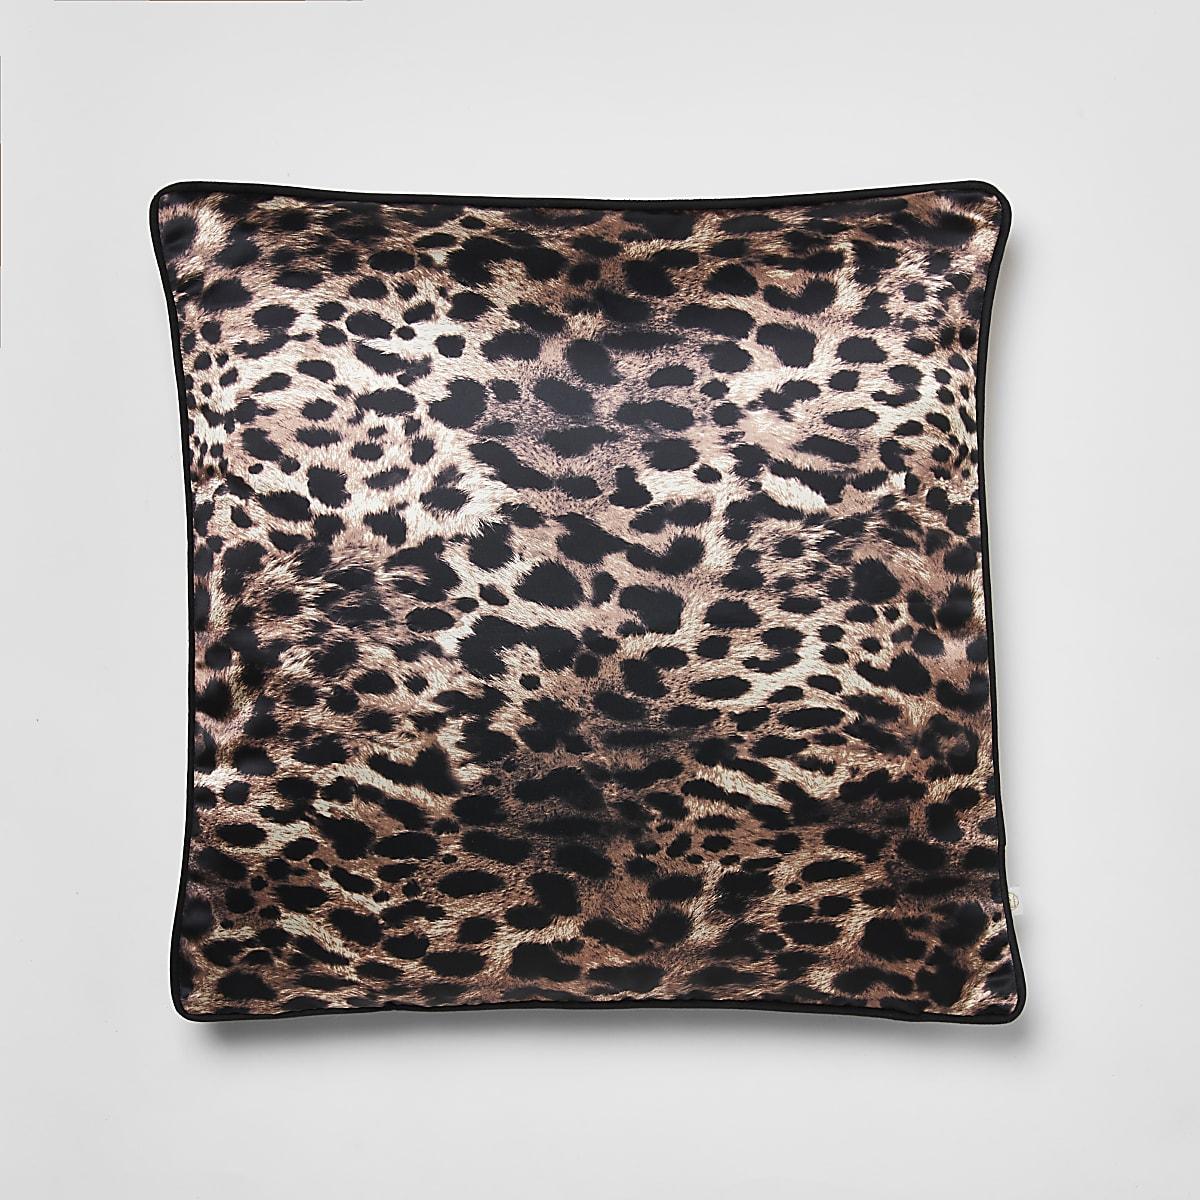 Bruin kussen met luipaardprint